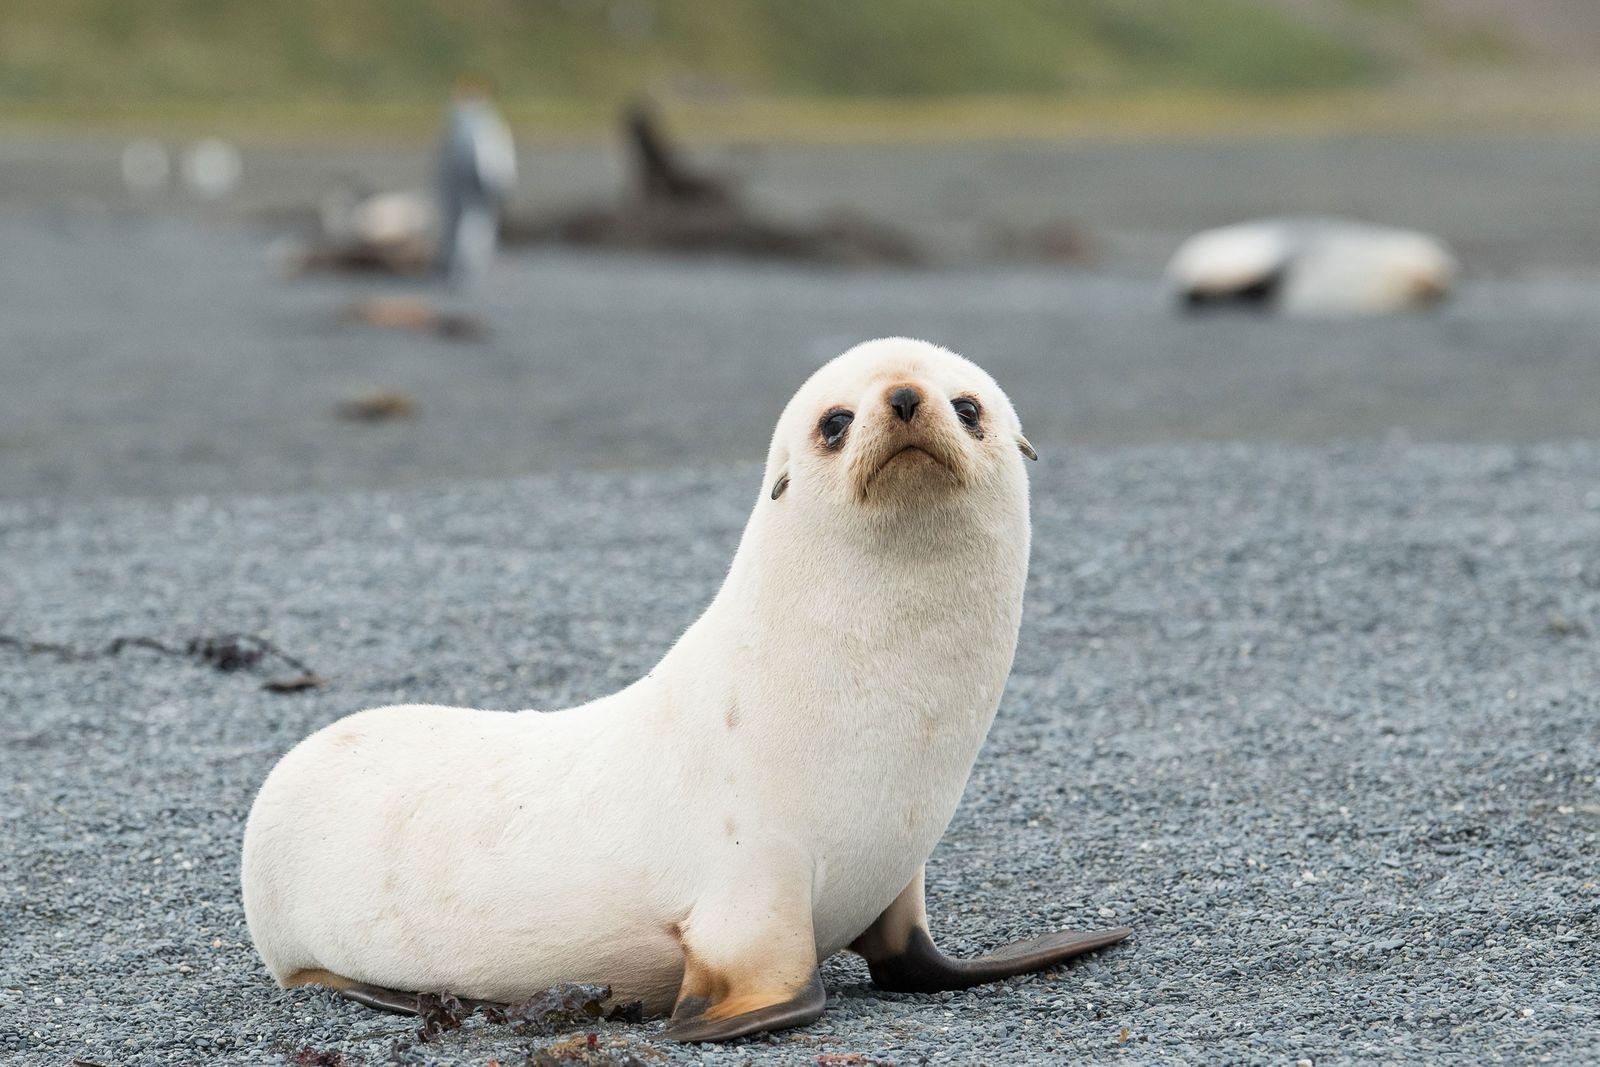 Lobos-marinhos - O que são, como vivem e onde encontrá-los